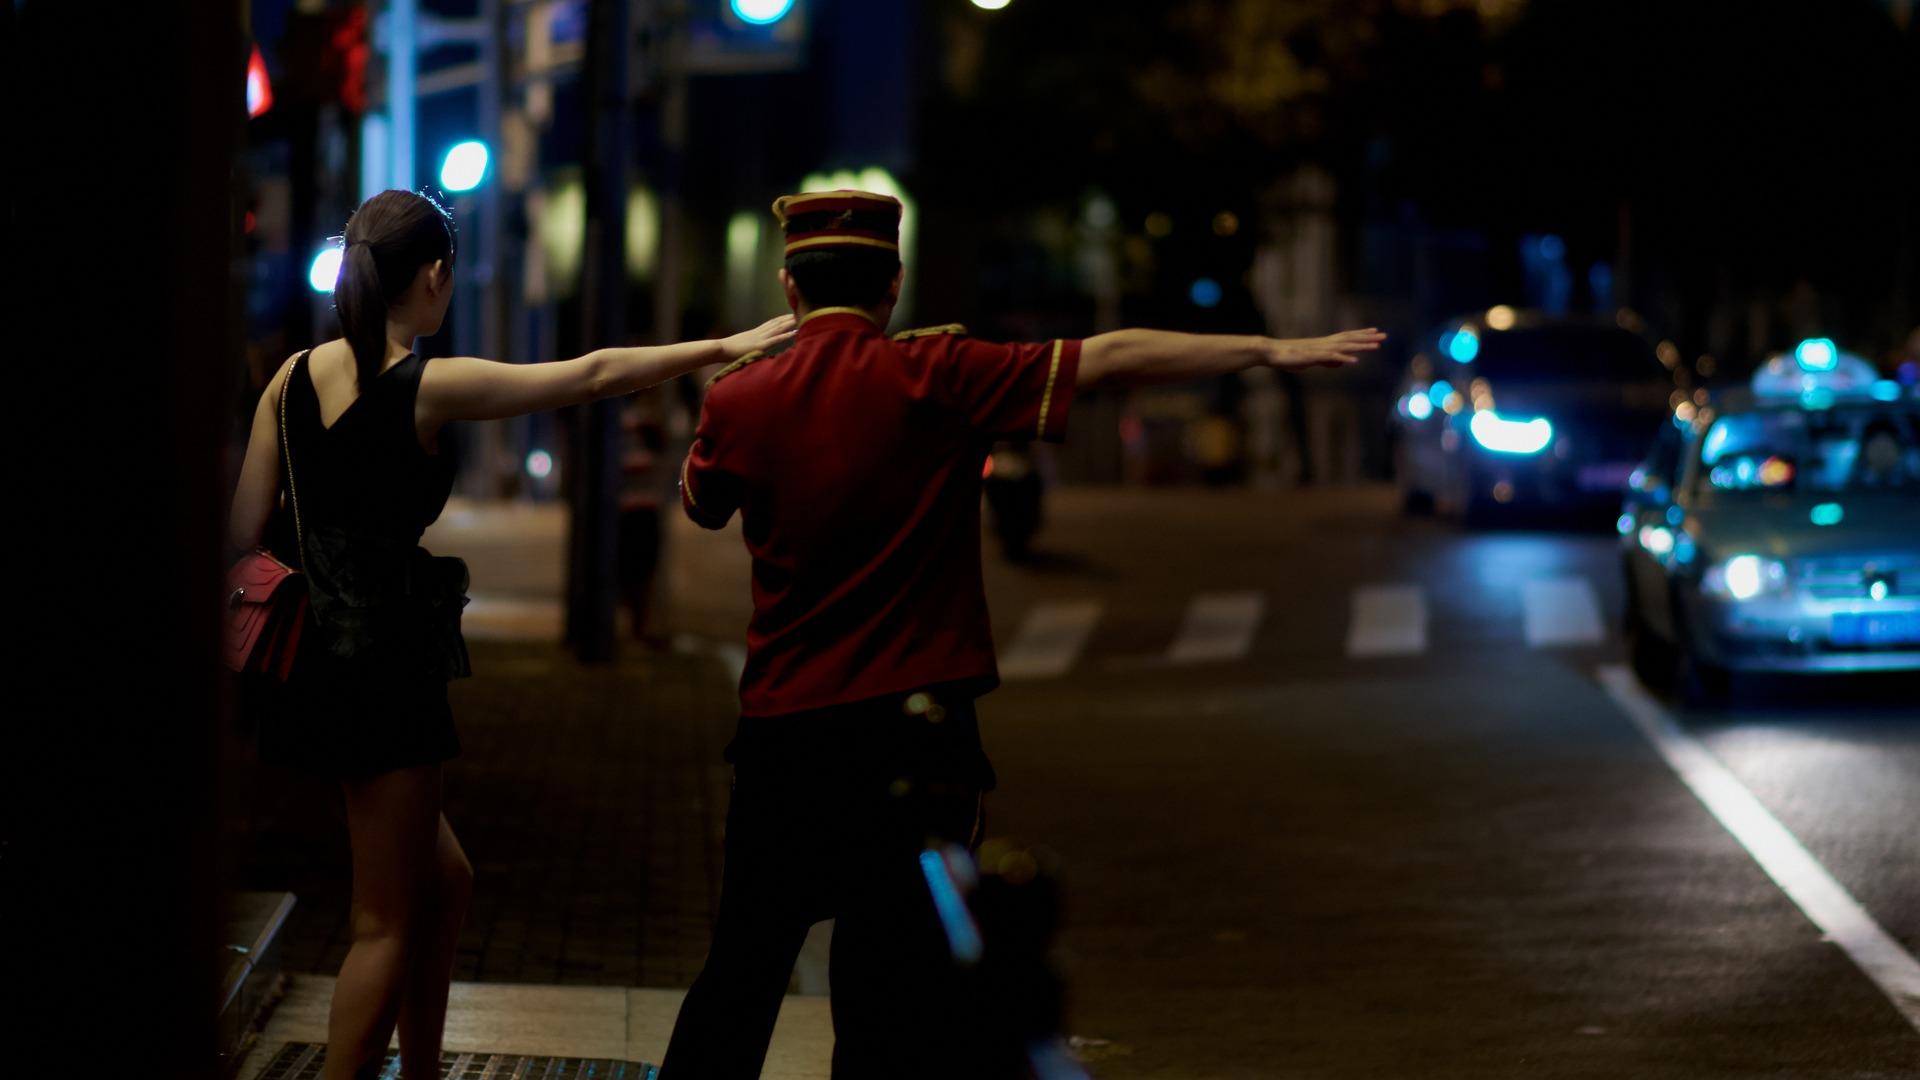 ברמת גן מסוכן להרים יד לעצור מונית, צילום אילוסטרציה